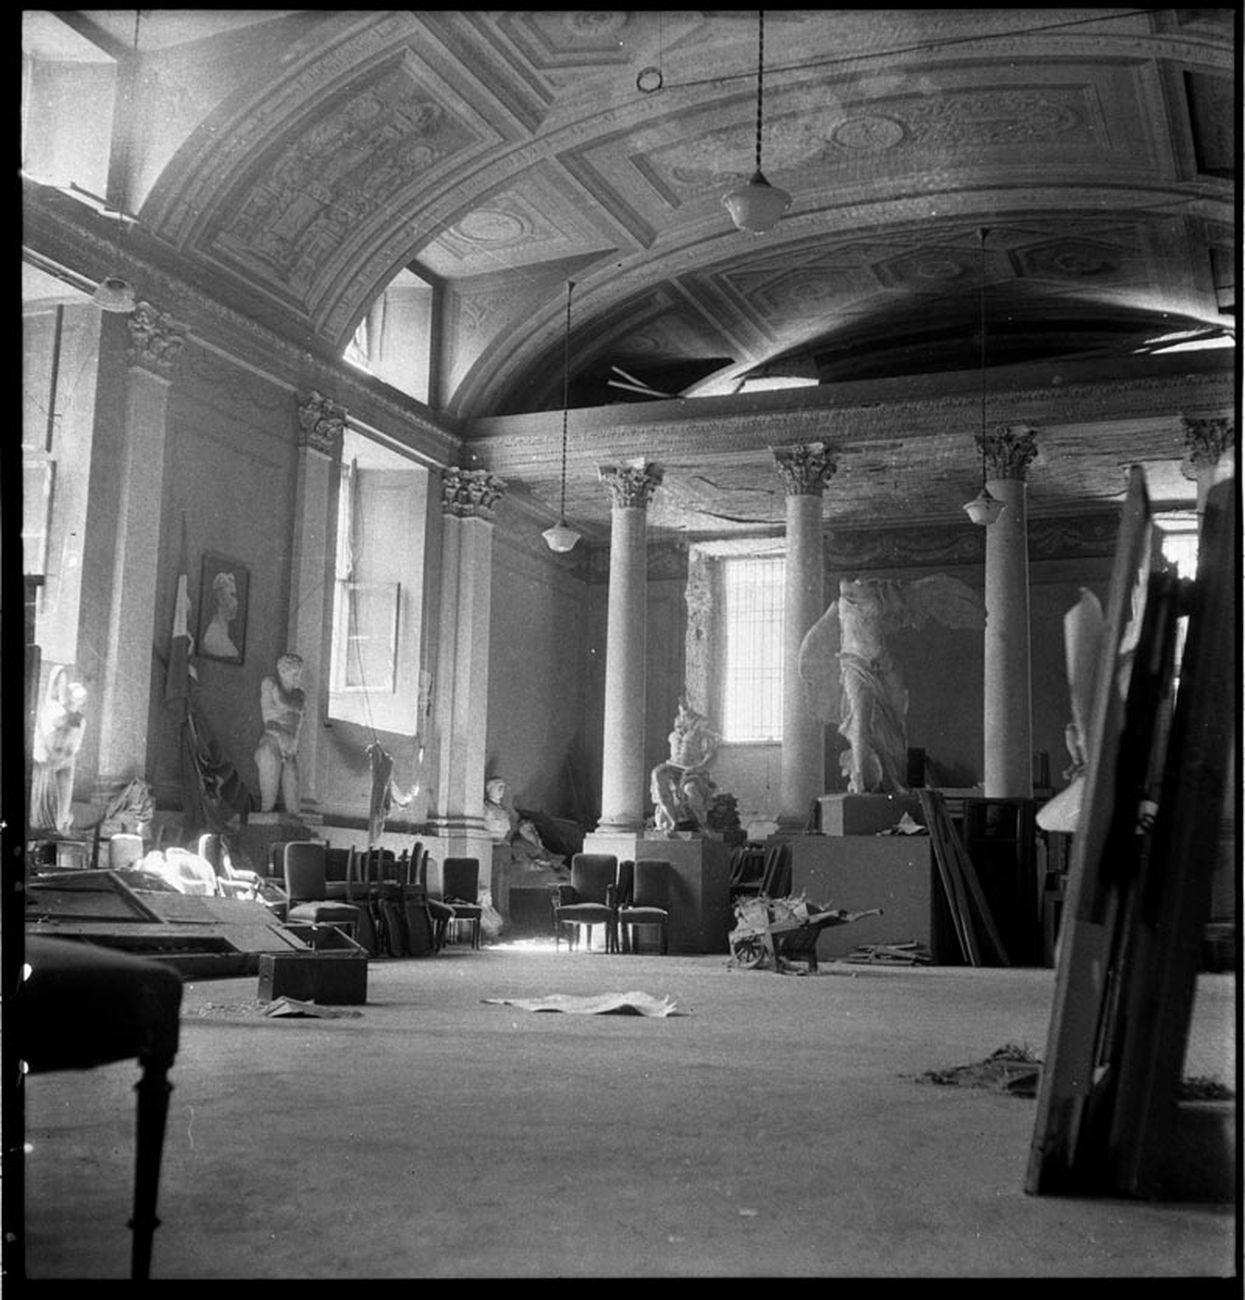 Publifoto, Le sale dell'Accademia di Belle Arti devastate dai bombardamenti, agosto 1943. Milano, Archivio Publifoto